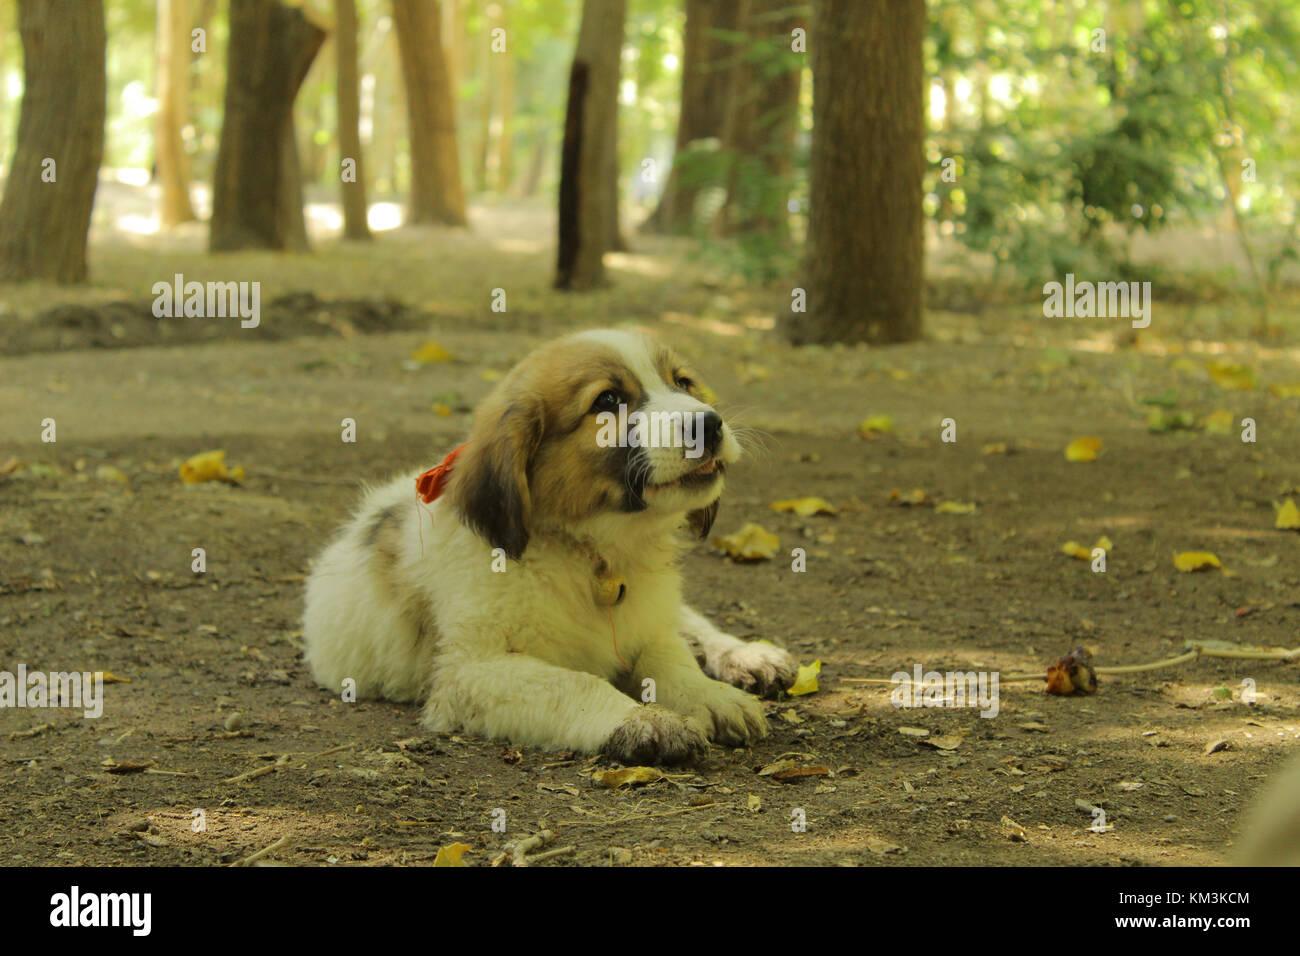 Un Piccolo Cane Nella Giungla Questo Cane Seduto Vicino A Me A